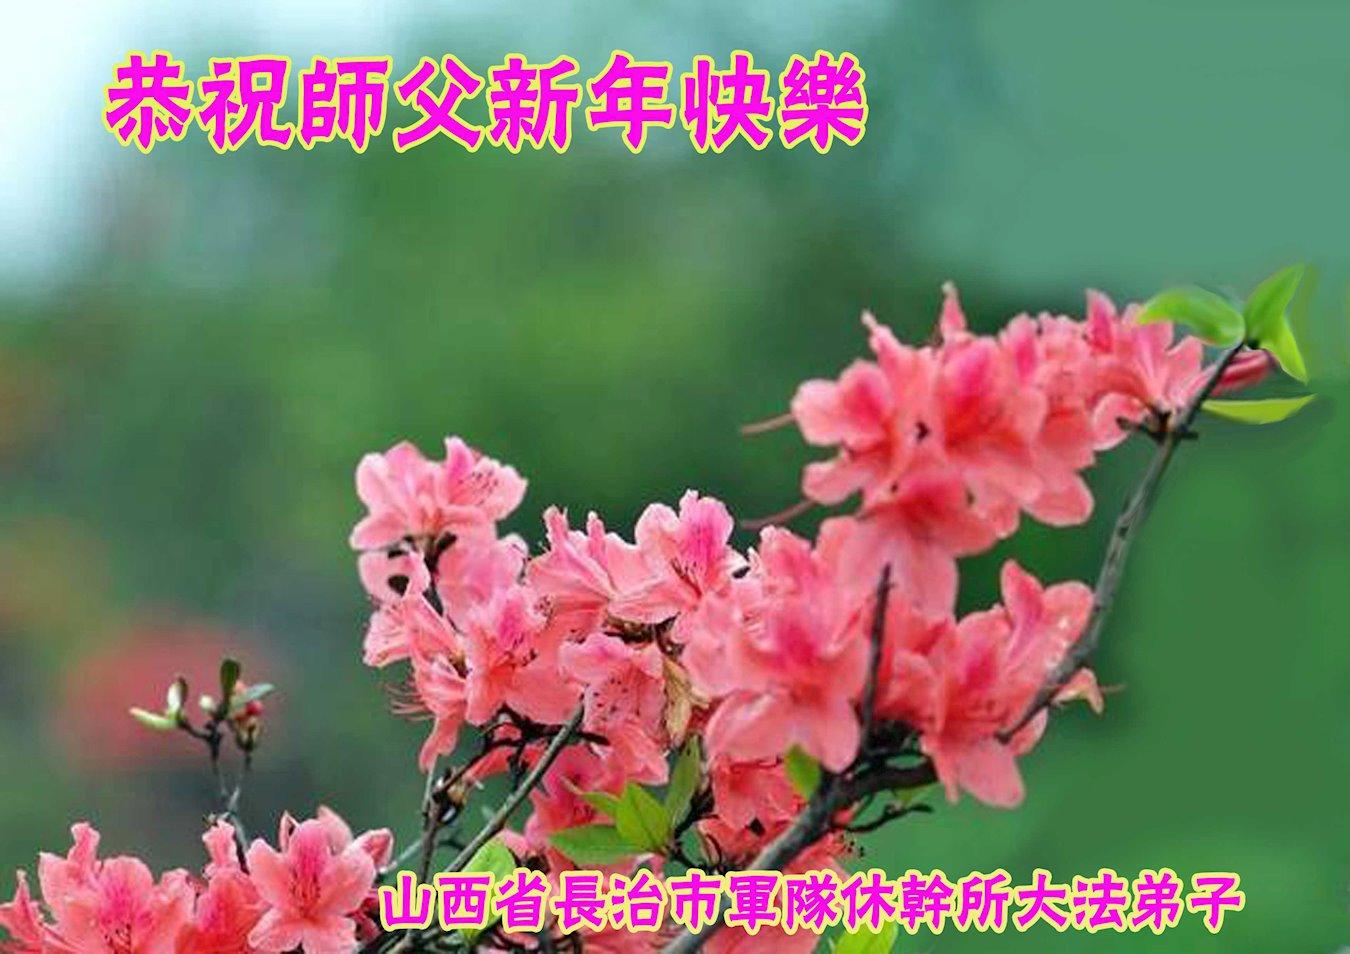 山西省長治市軍隊幹休所大法弟子恭賀李洪志大師新年快樂!(明慧網)